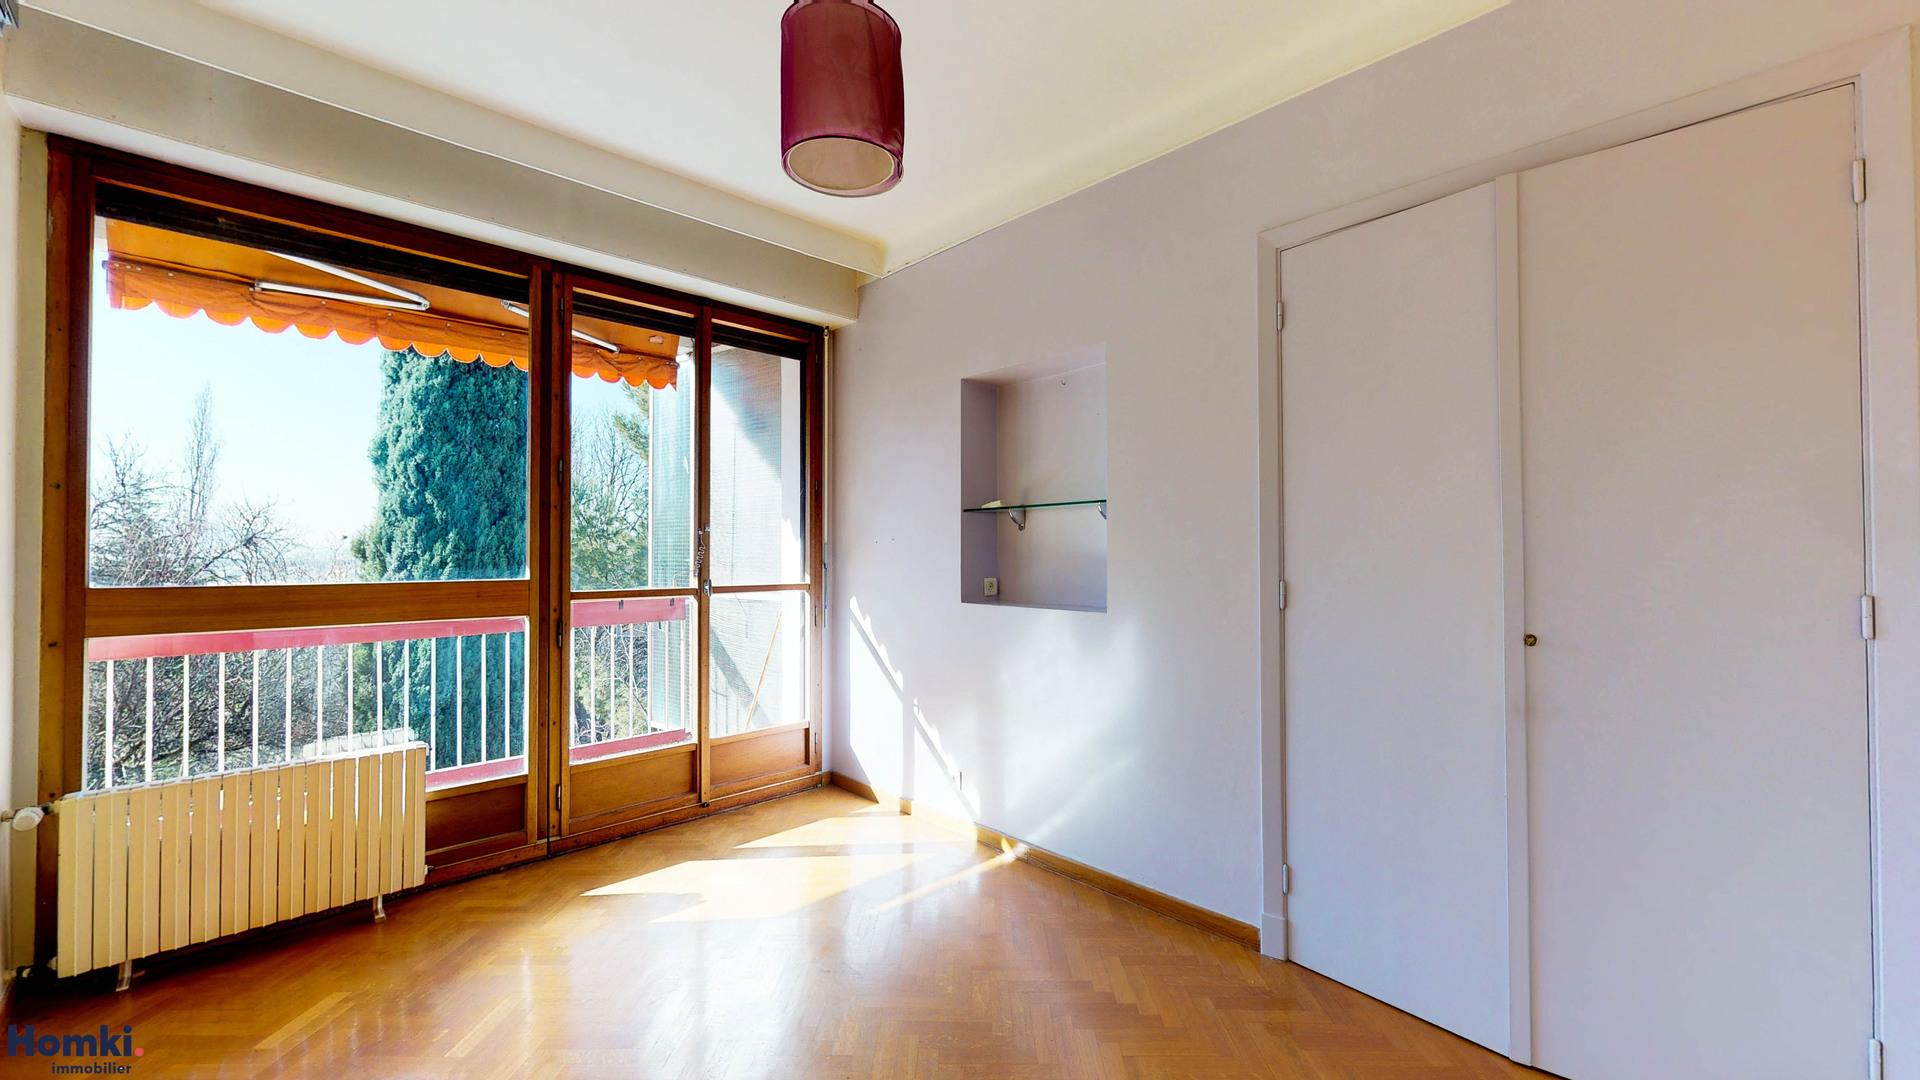 Vente Appartement 97 m² T4 13012_4